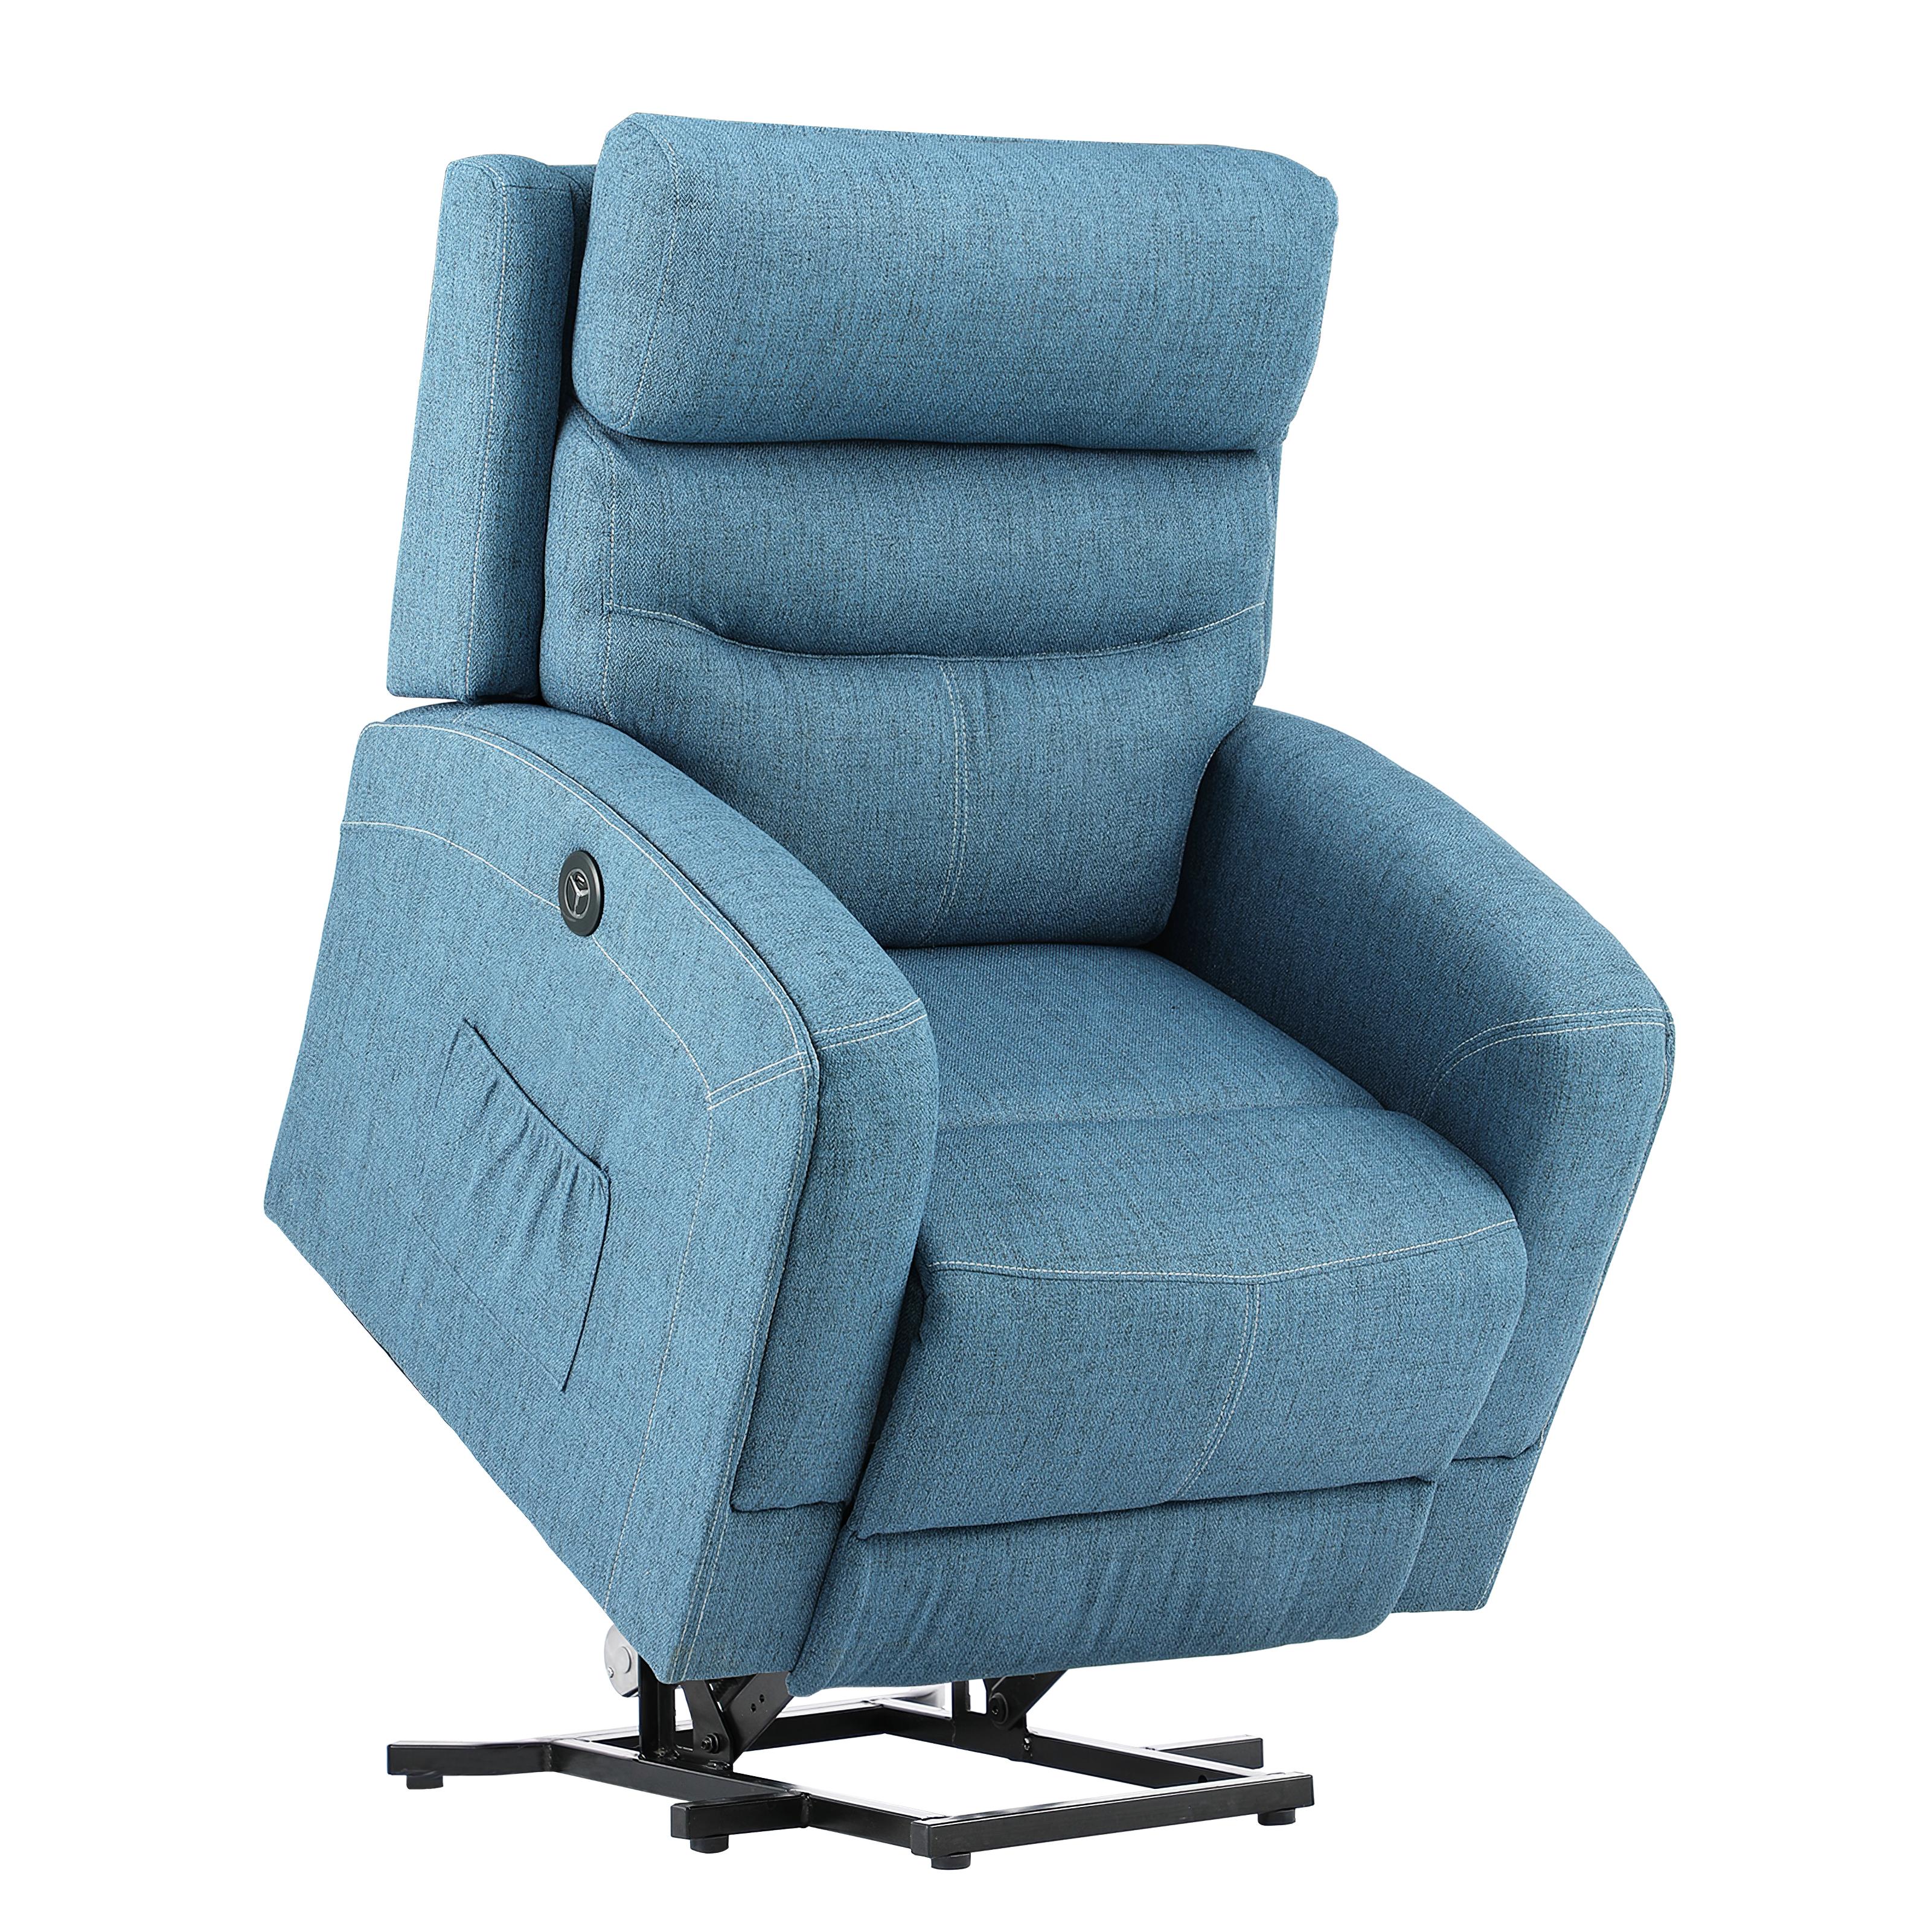 蓝色带USB充电口电动升降老人按摩躺椅